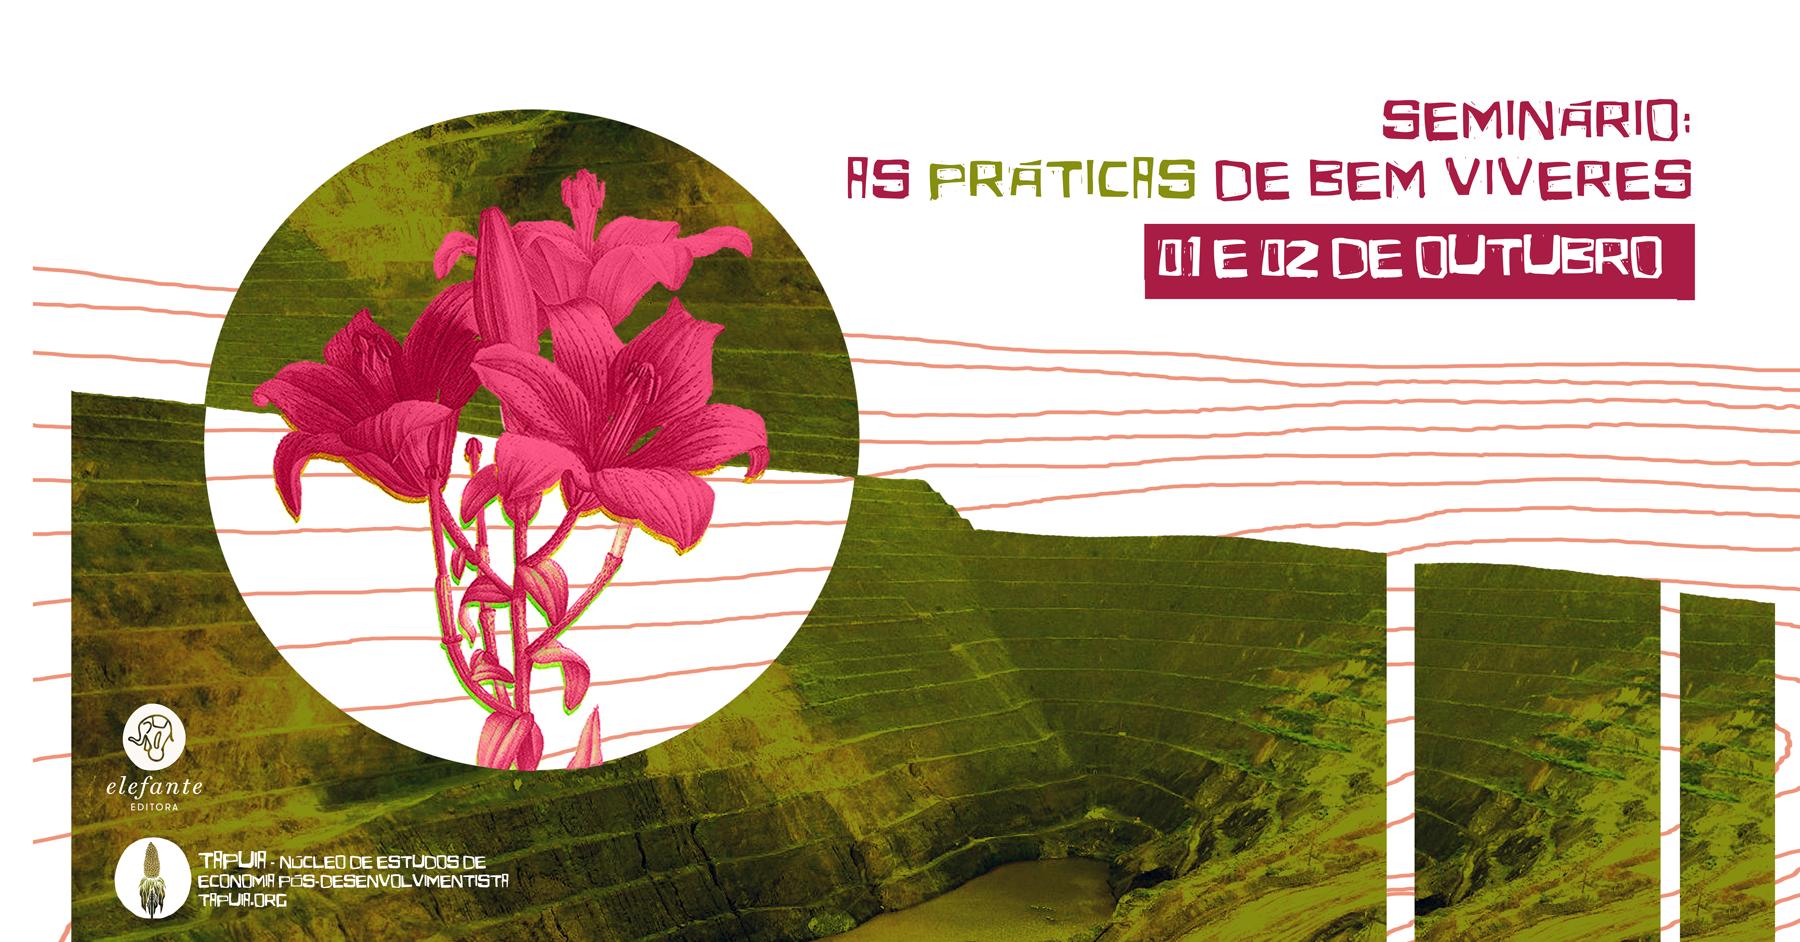 01/10/19 - Seminários: As Práticas de Bem Viveres